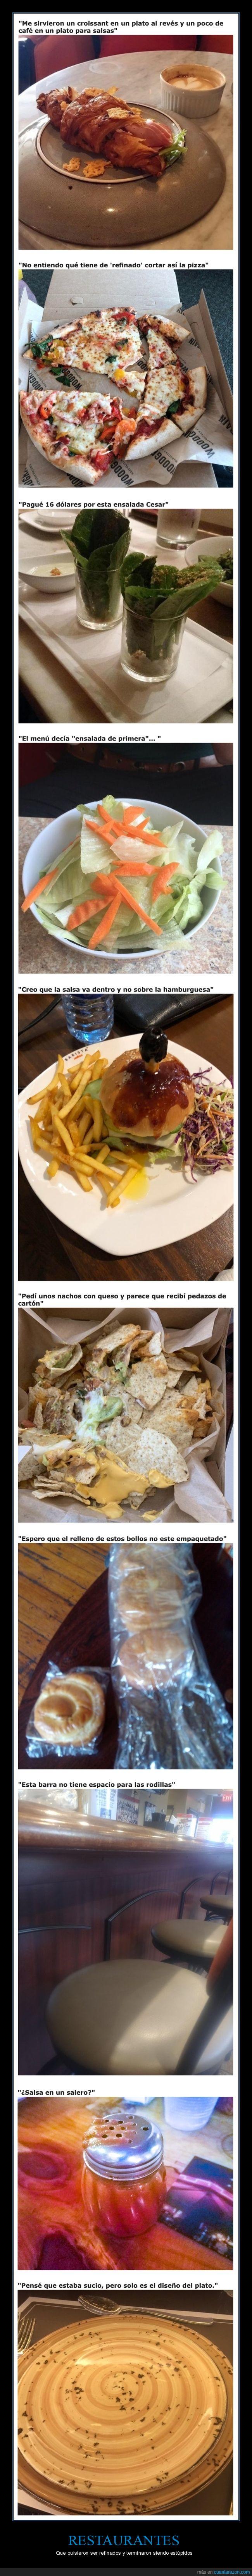 fails,restaurantes